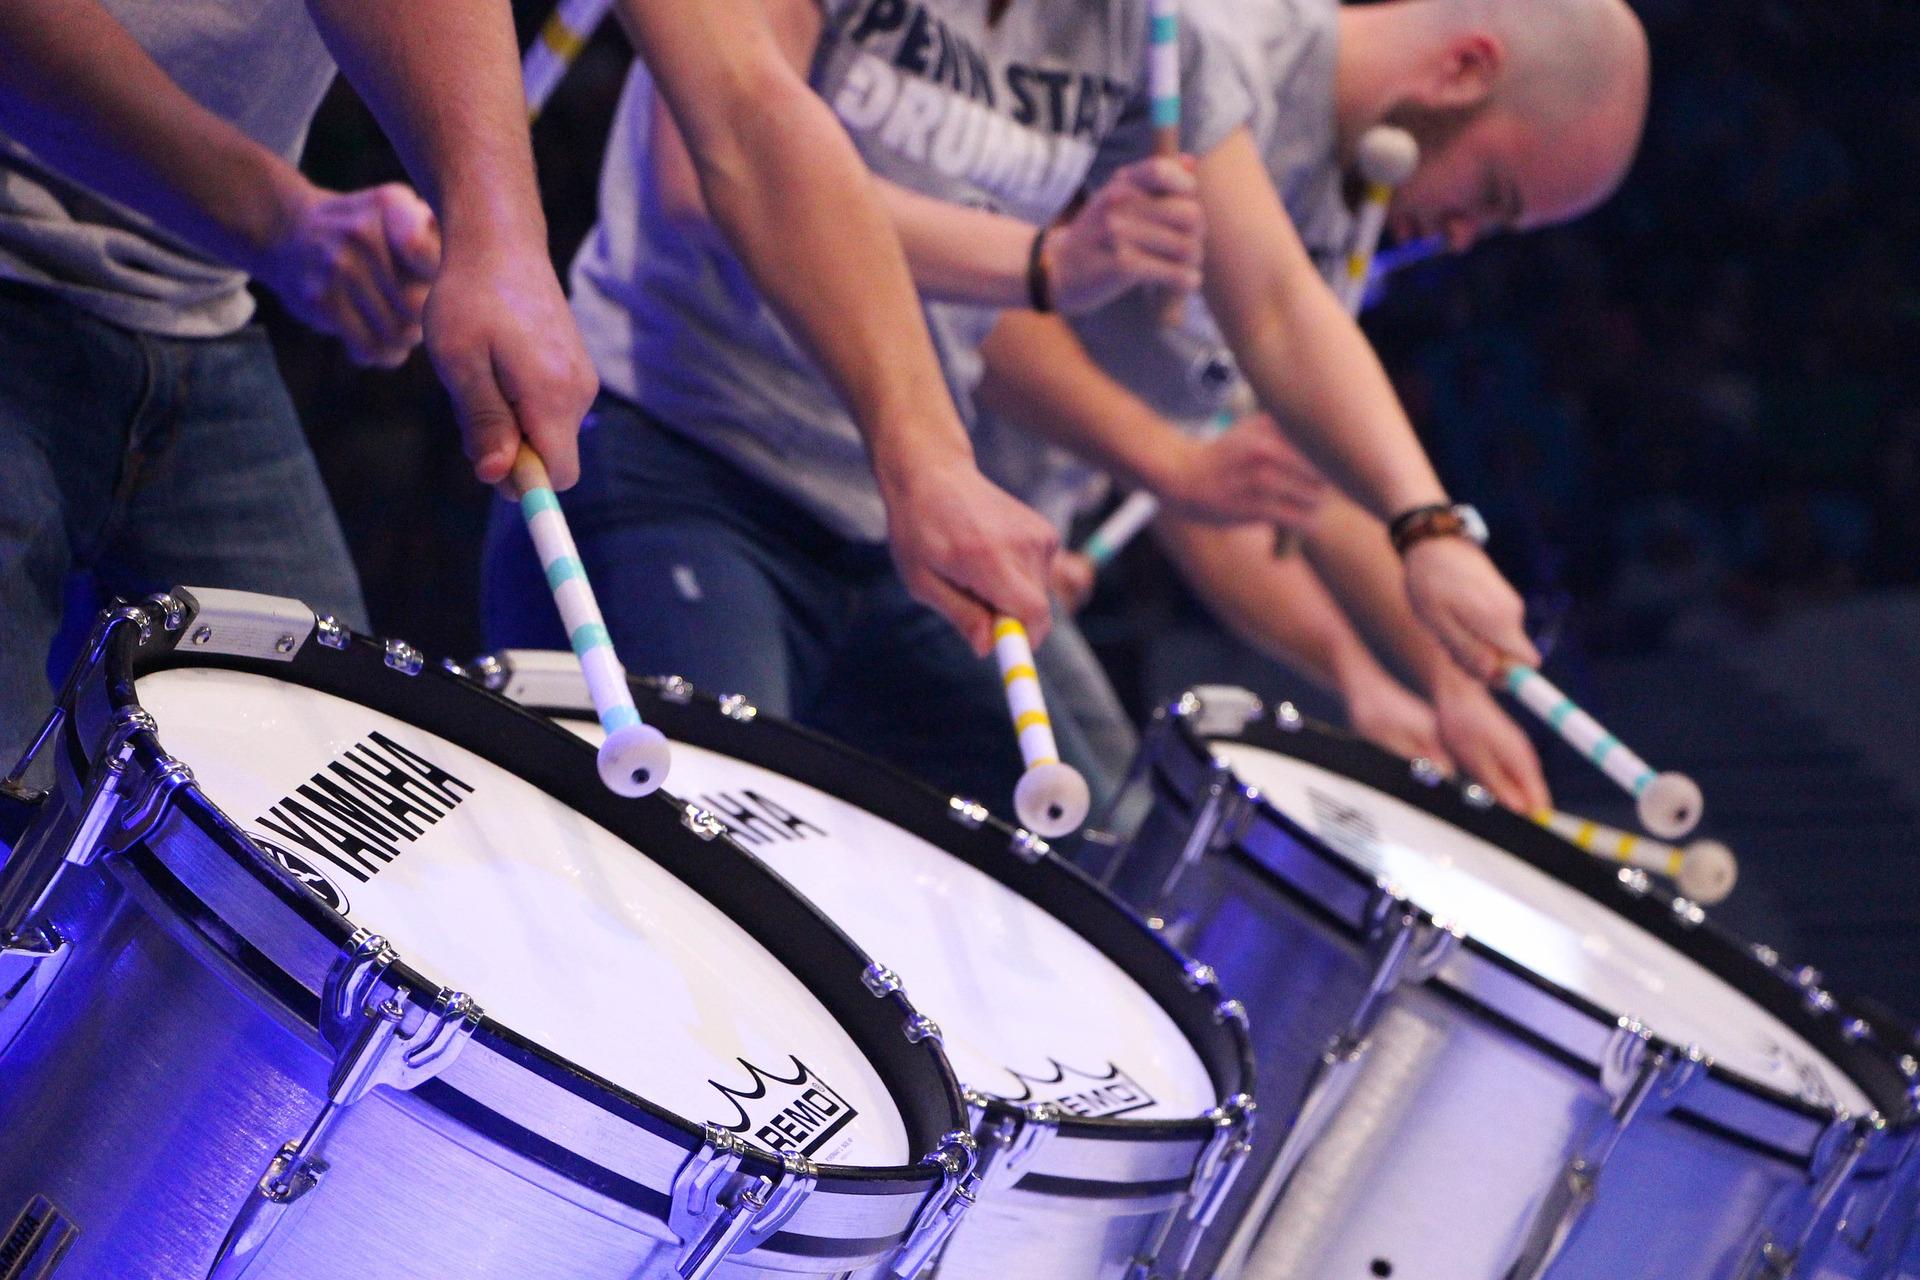 band-1850616_1920